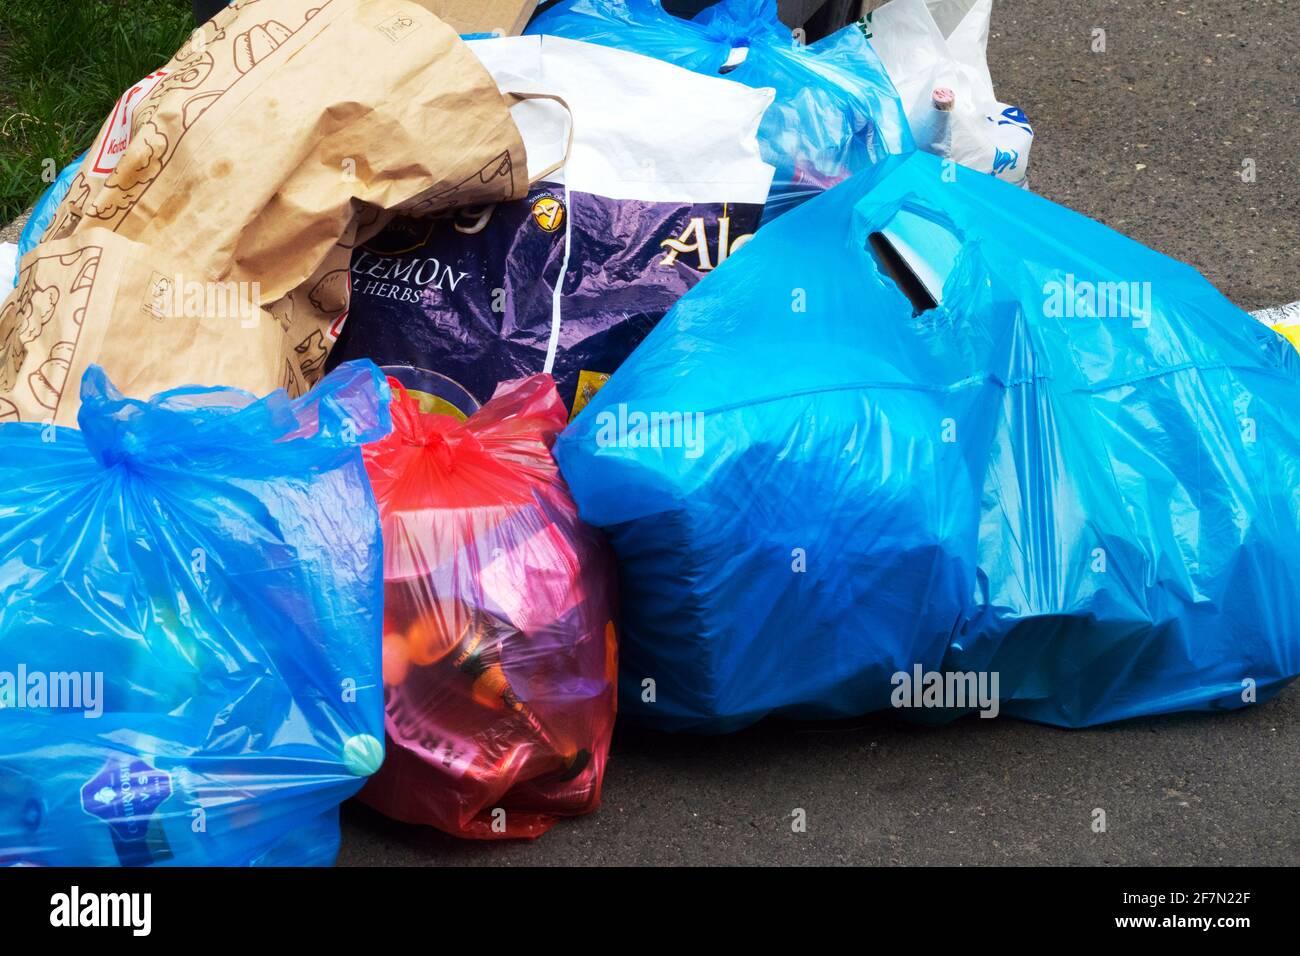 Descarte los residuos domésticos en bolsas de plástico, en el exterior Foto de stock